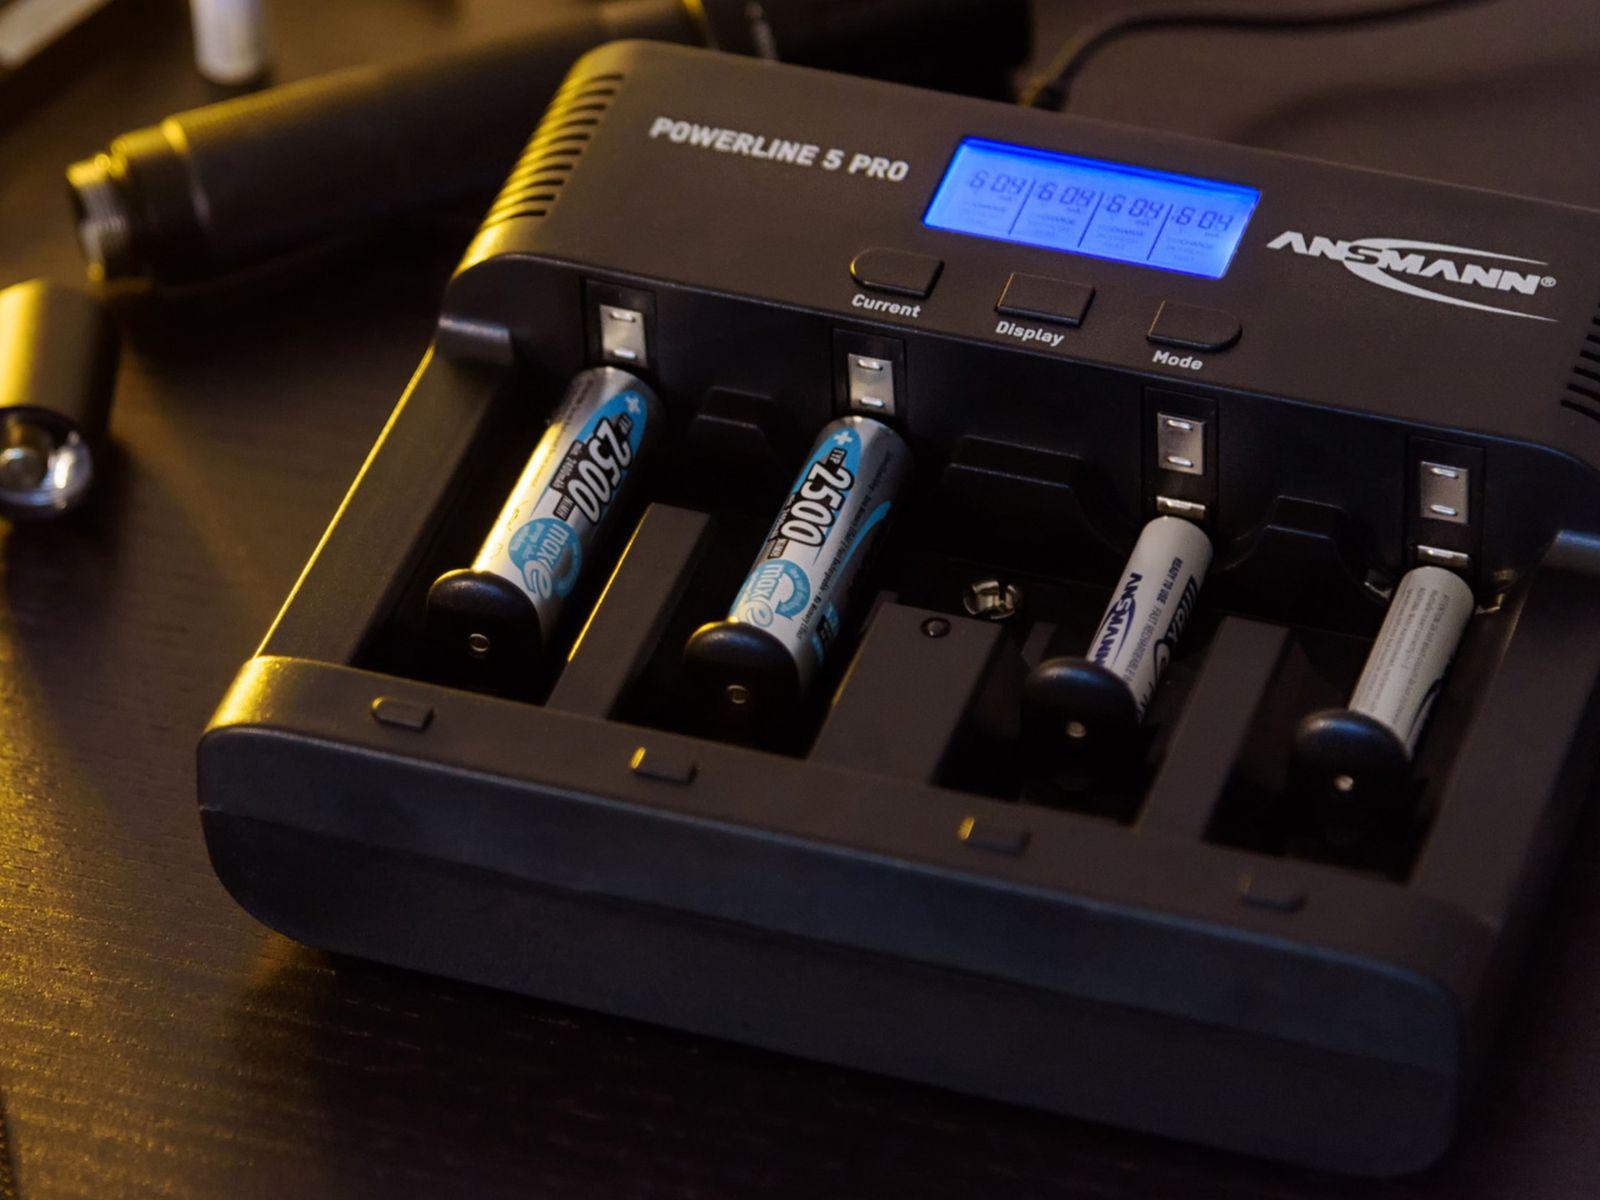 Ladegerät ANSMANN Powerline 5 Pro online kaufen | Pollin.at